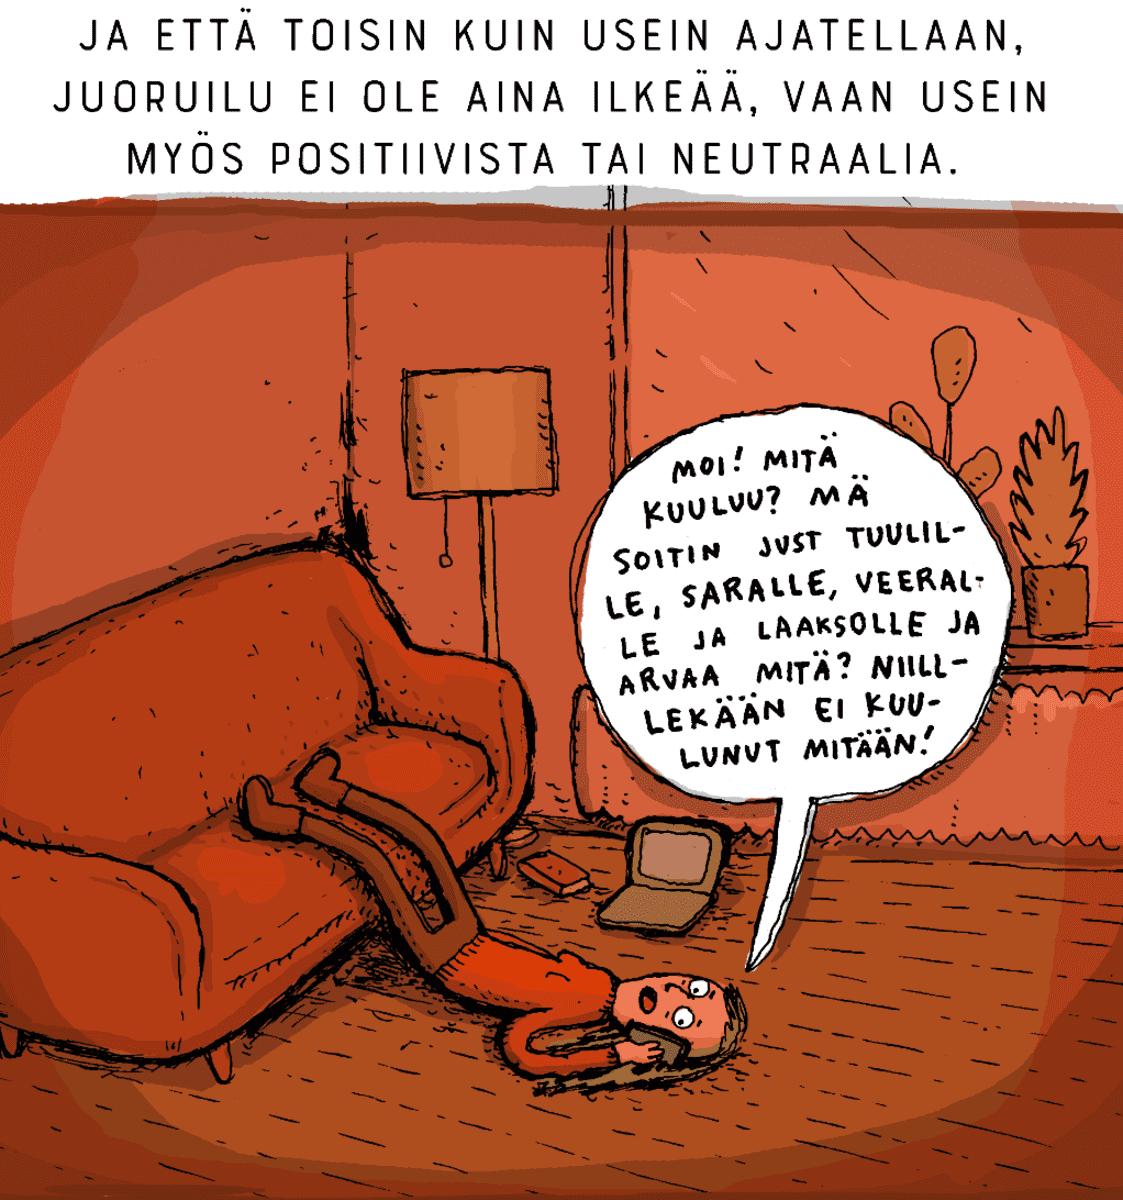 Aiju Salmisen sarjakuvakolumni.